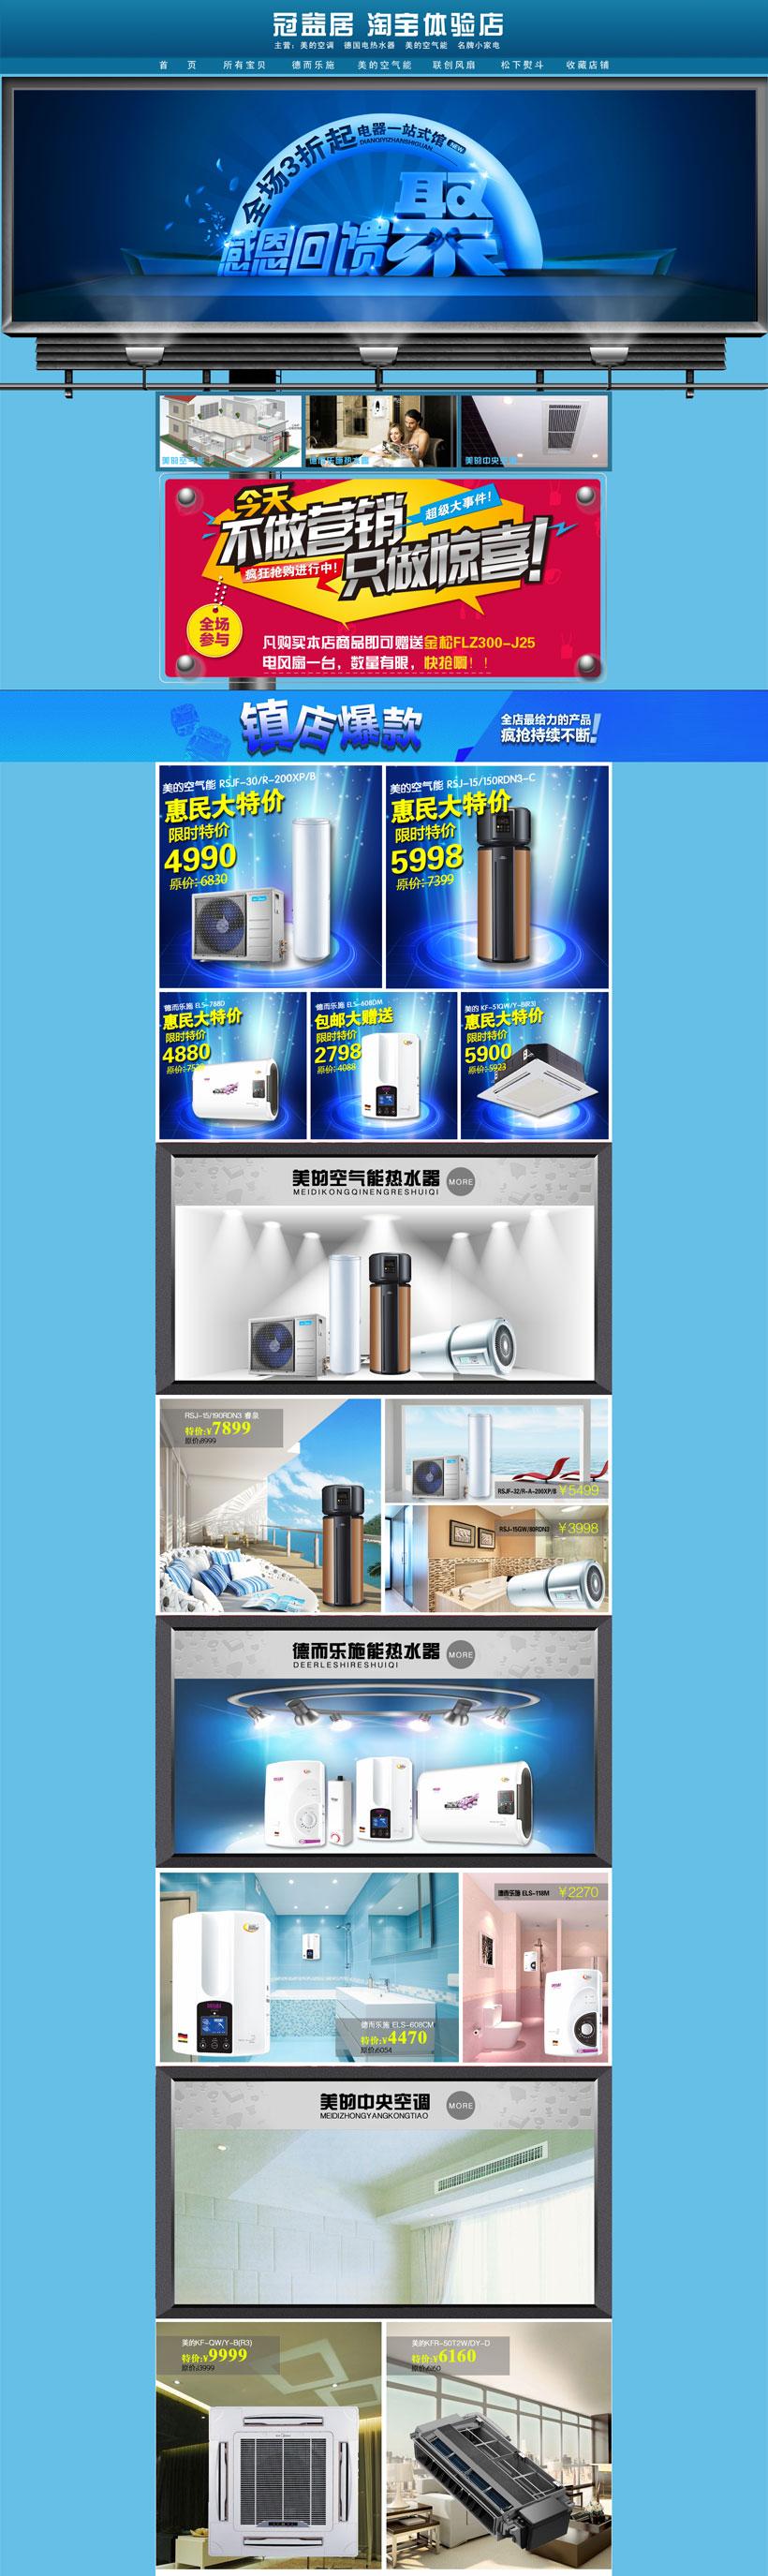 淘宝电器感恩回馈促销页面设计psd素材